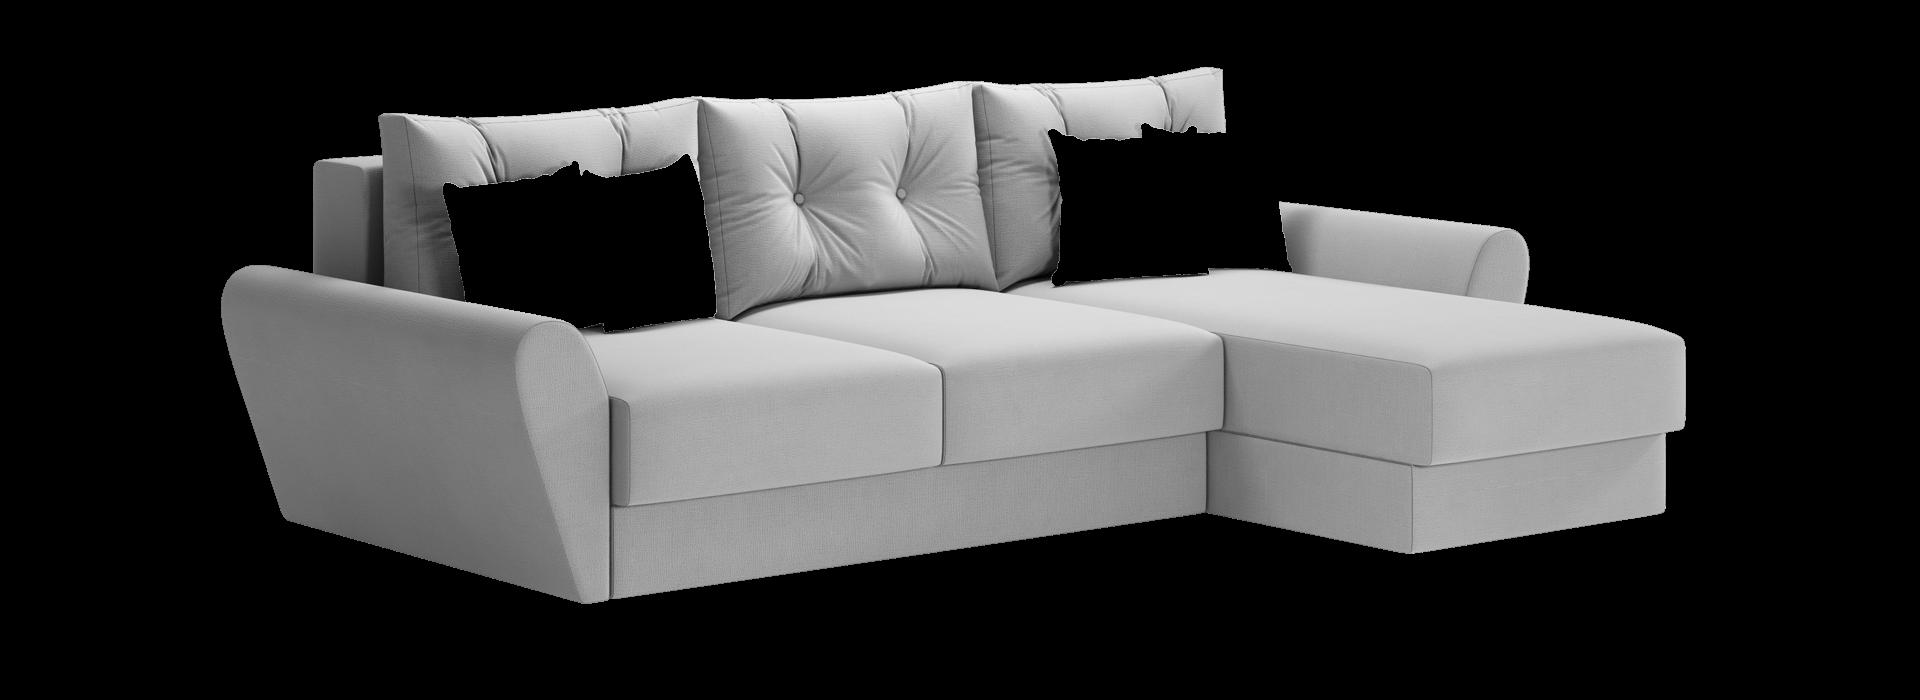 Даріо кутовий диван - маска 2